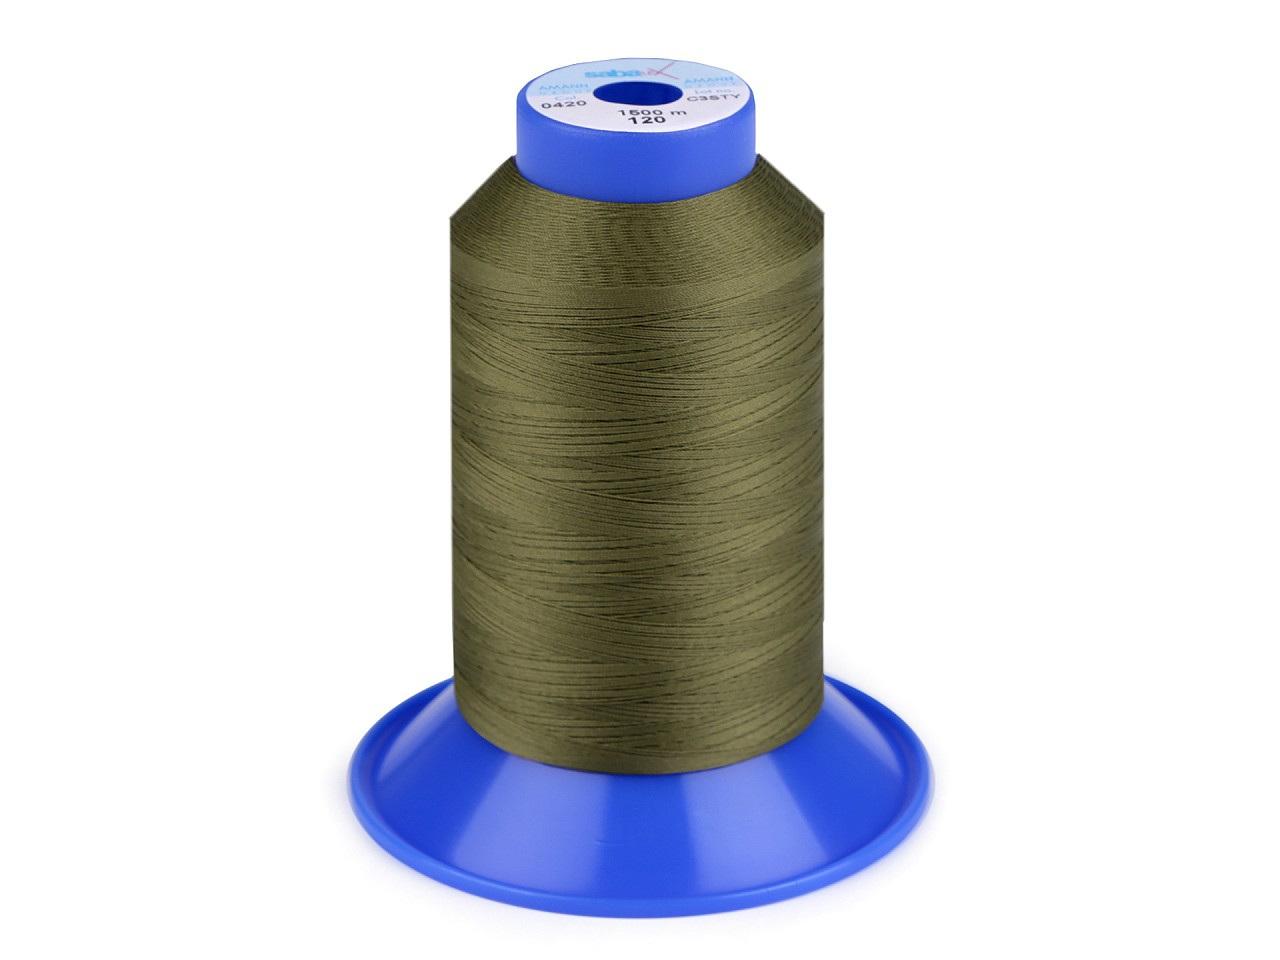 Nit elastická Sabaflex 120; 1500 m, barva 420 zelená khaki stř.